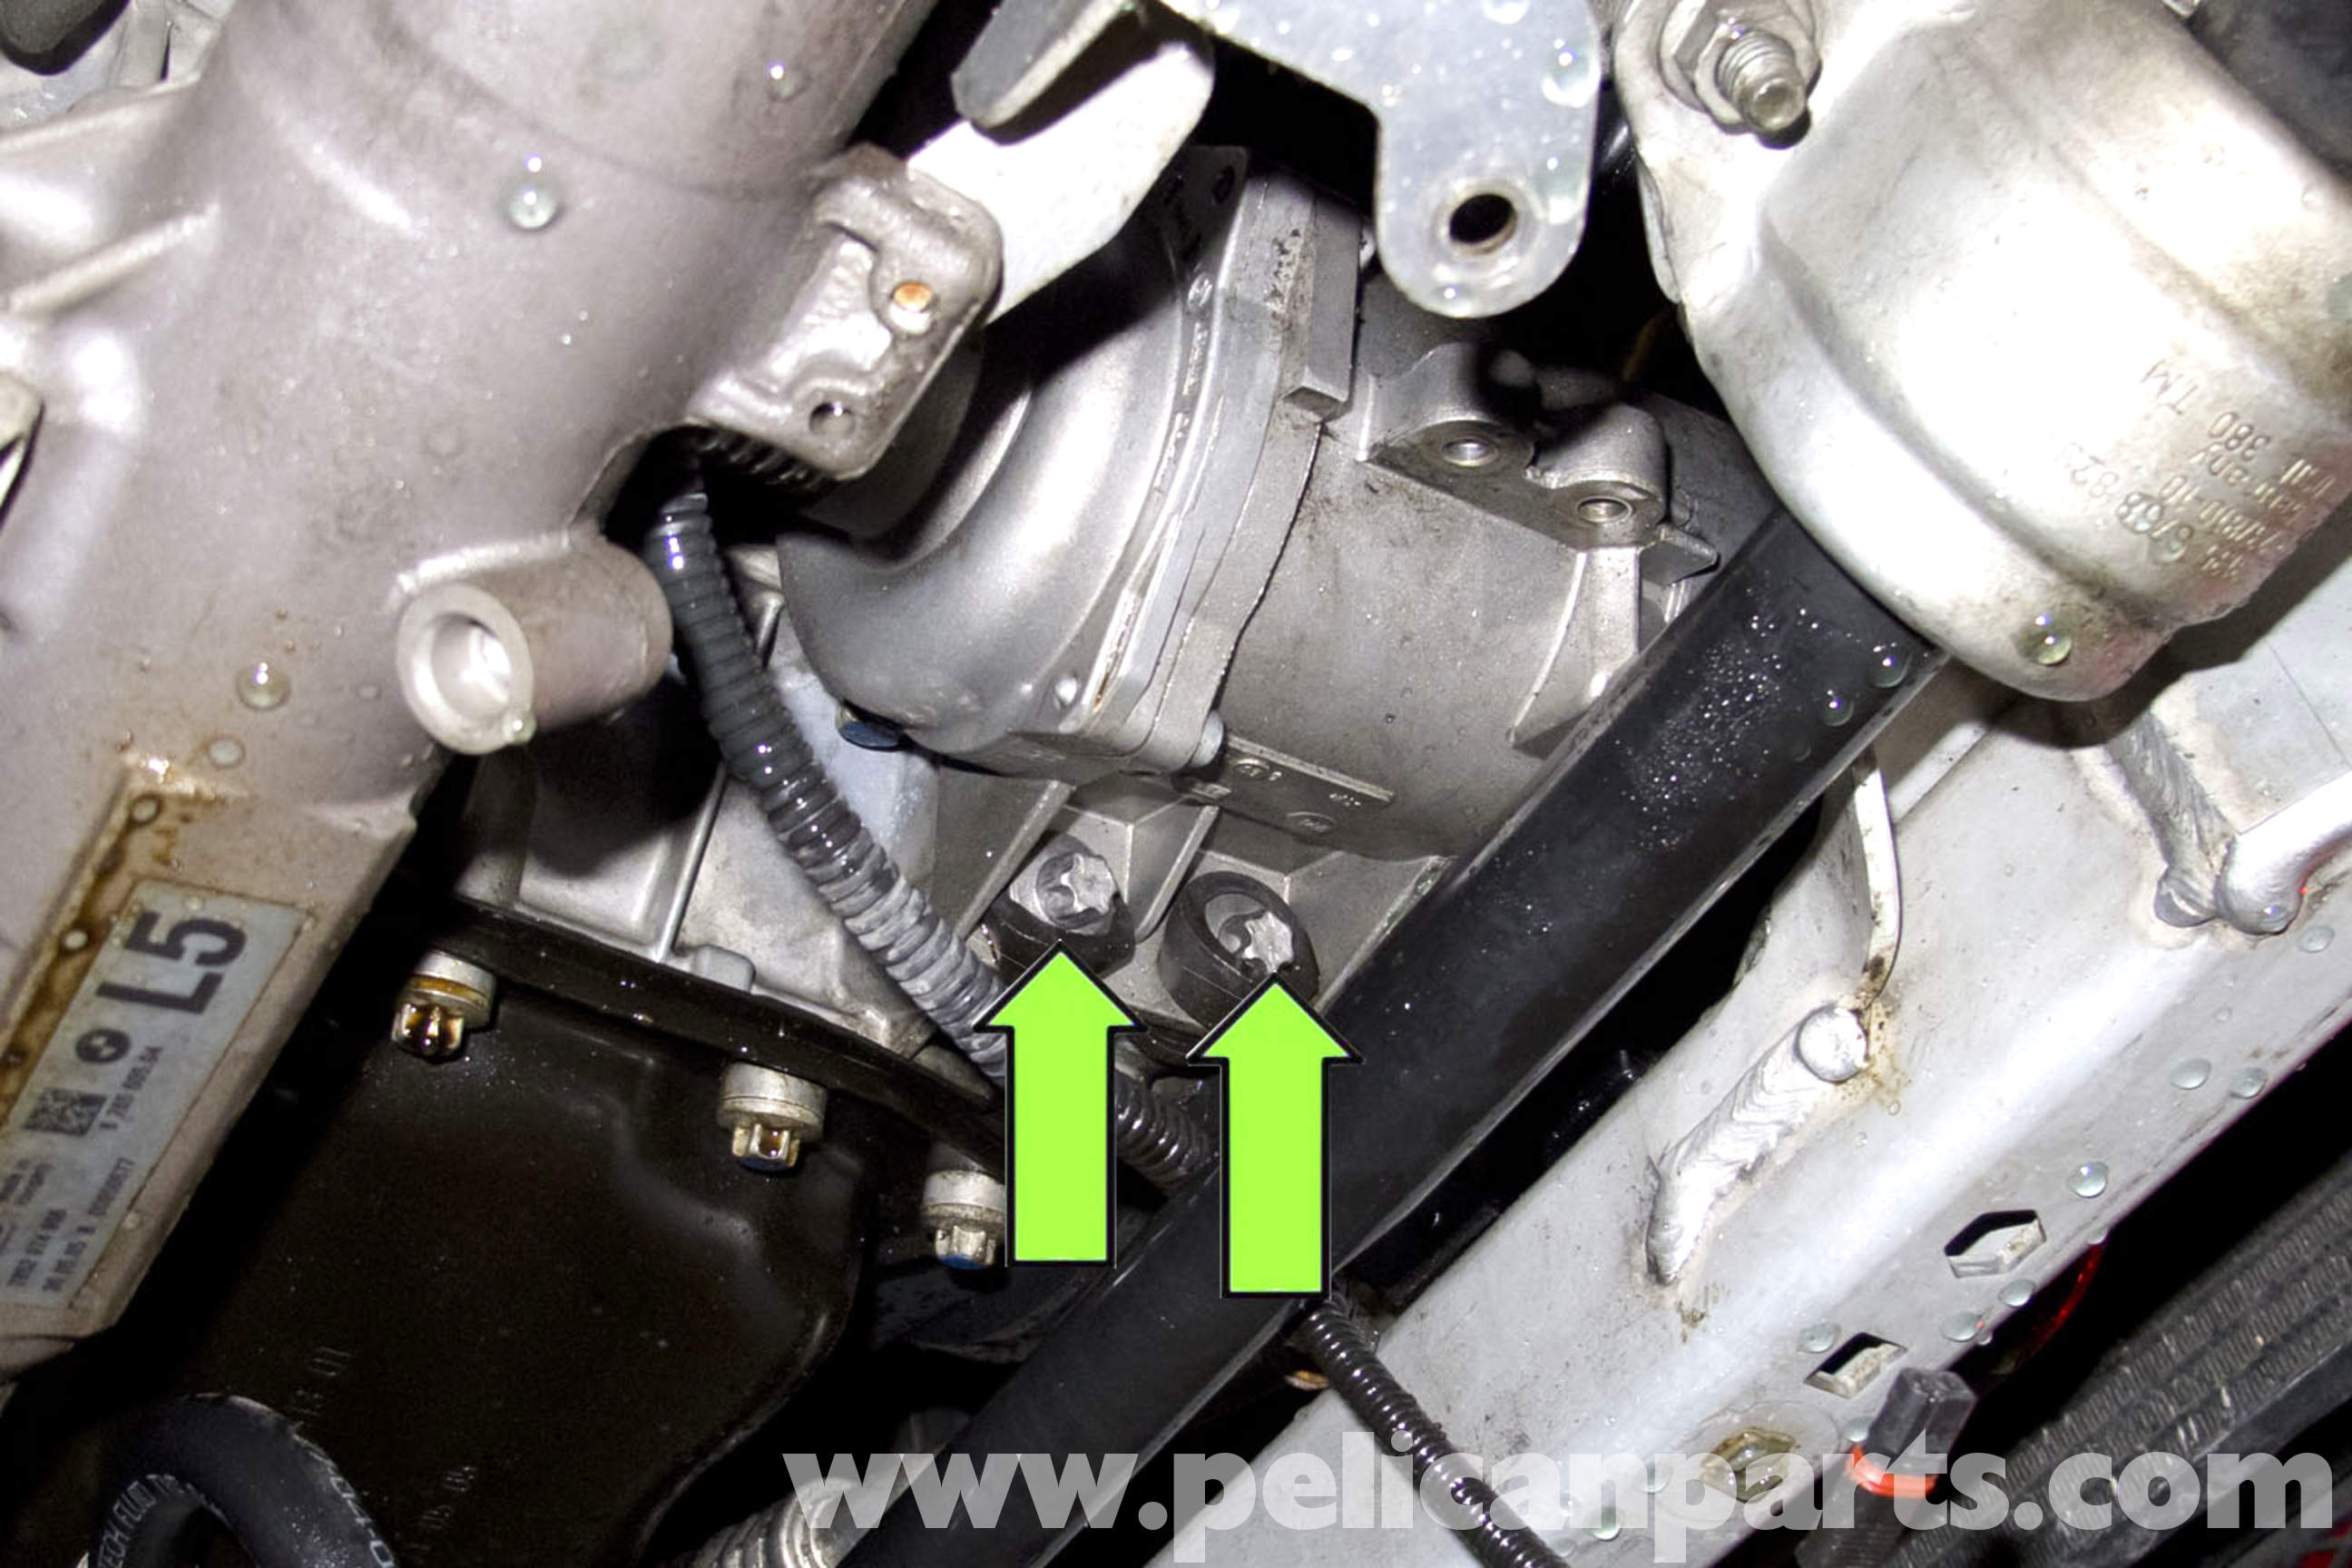 Es300 Fuel Pressure Regulator